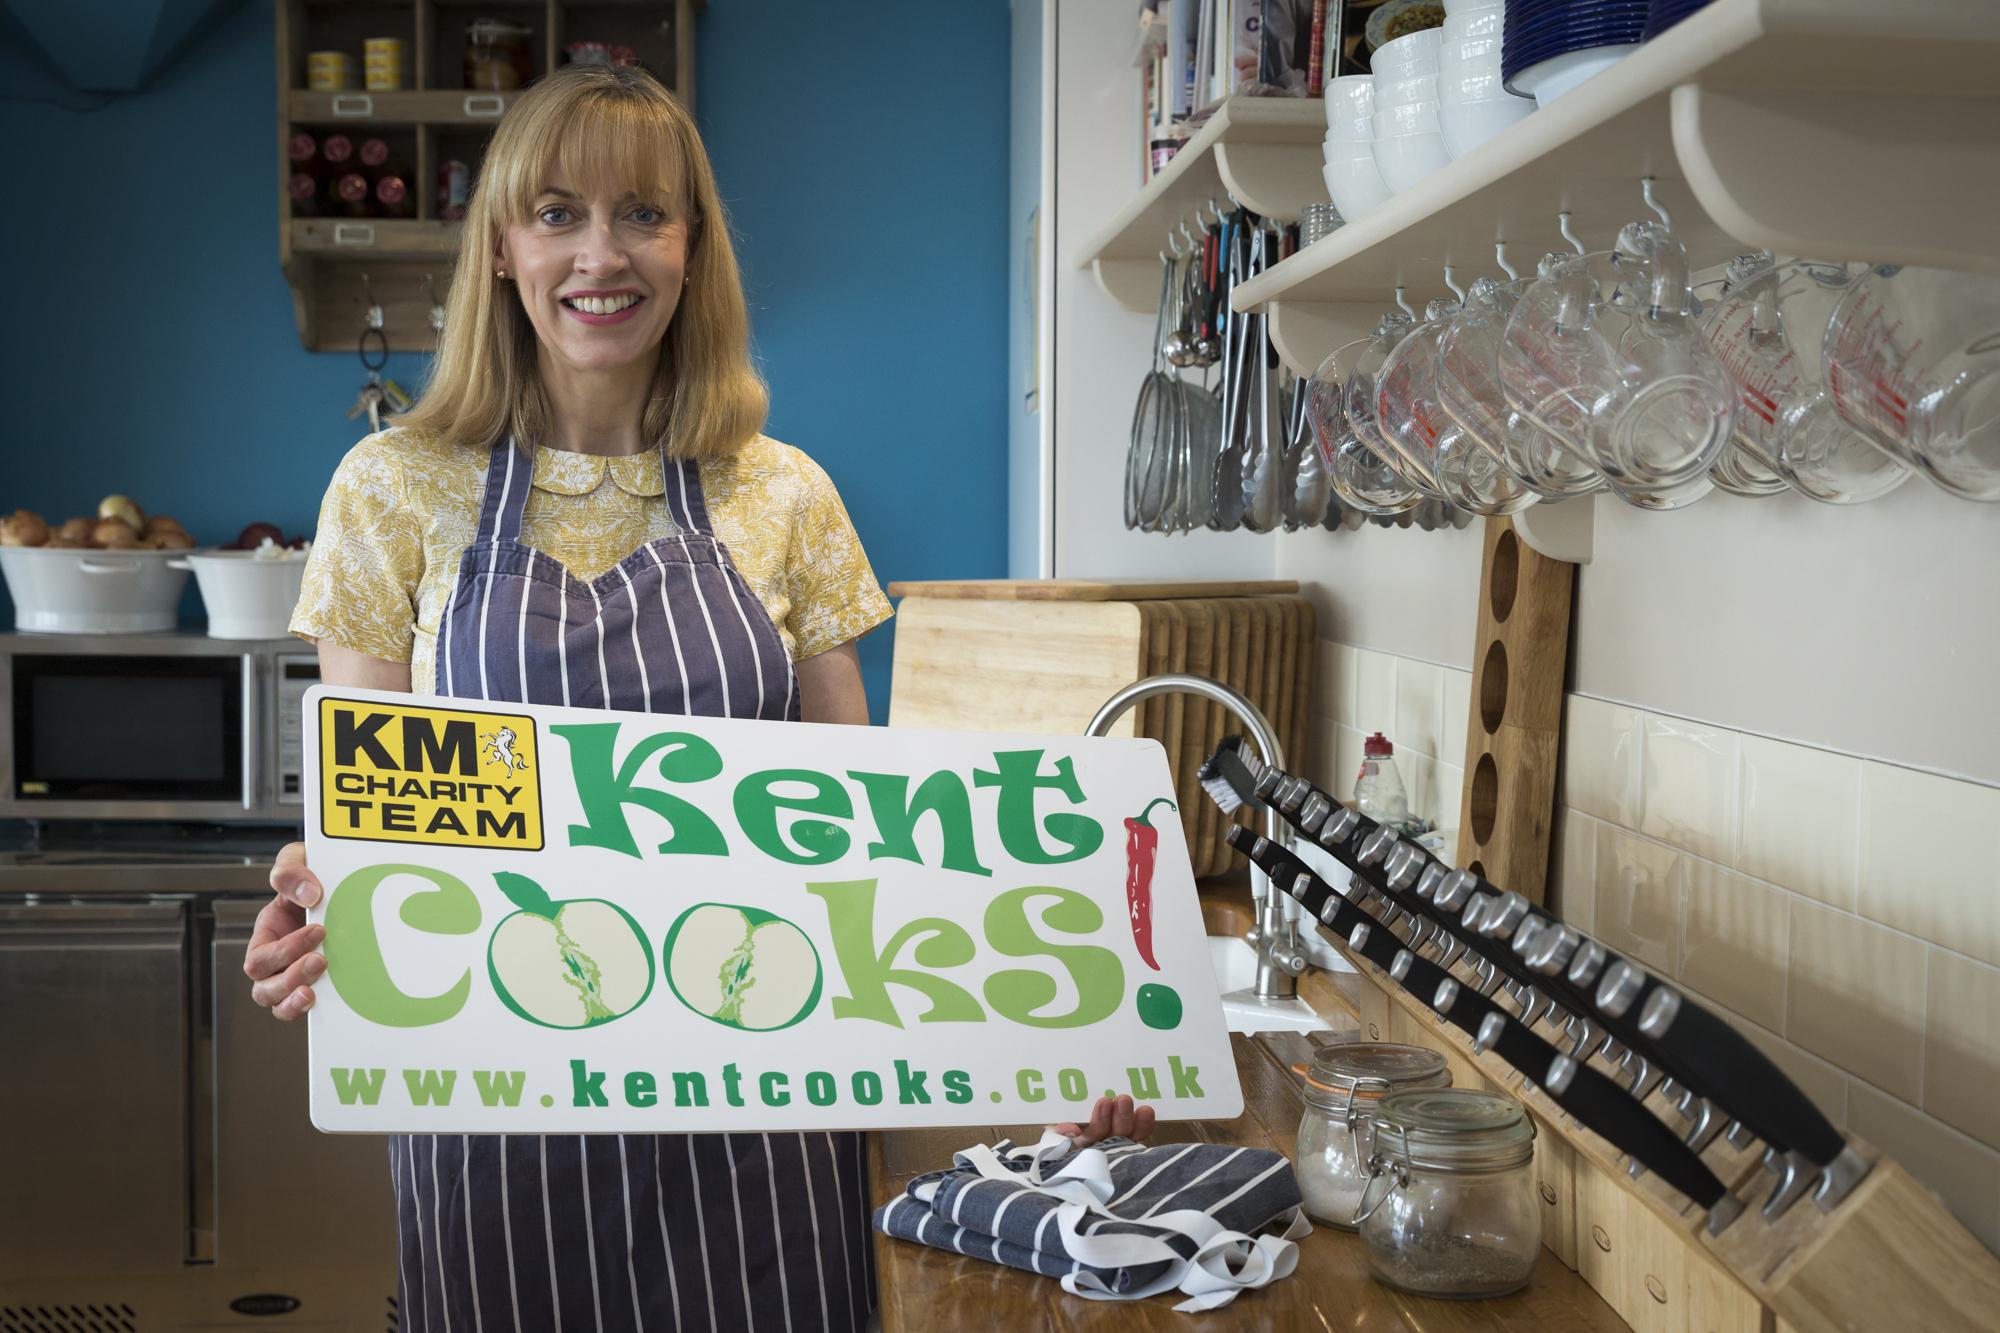 SHC Proud to Sponsor Kent Cooks' 2017